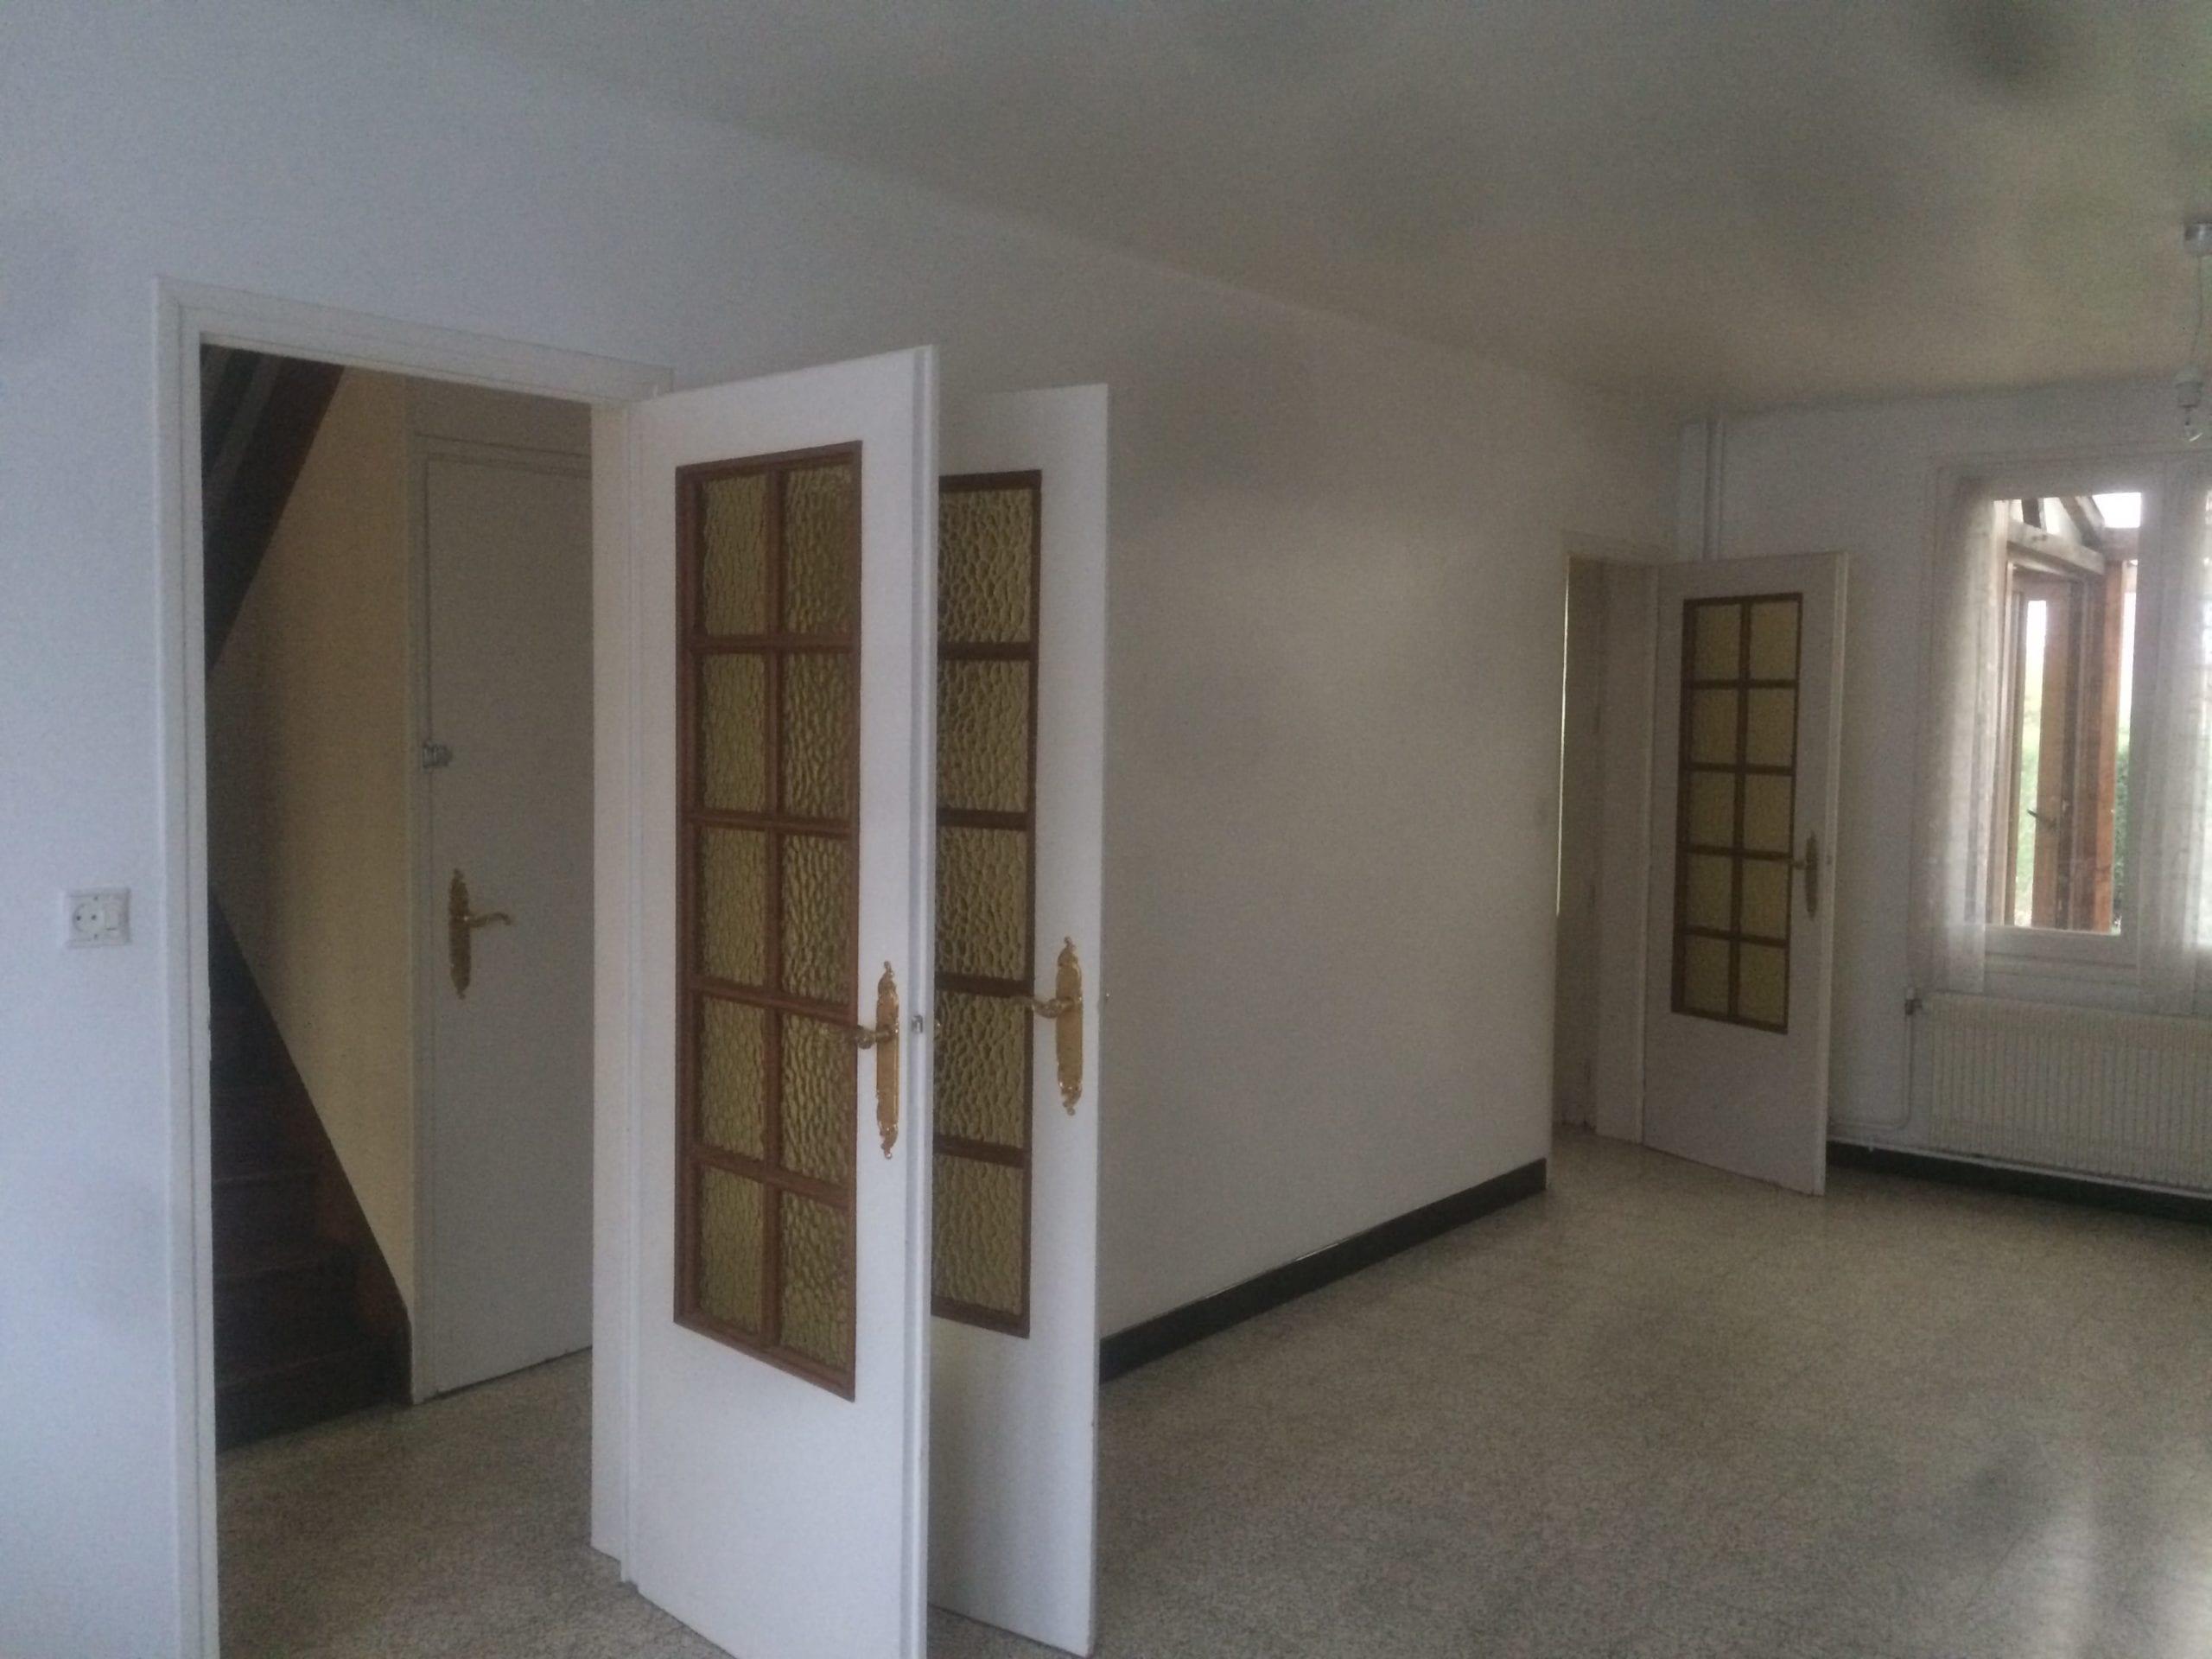 salon-1930-avant-travaux-de-renovation